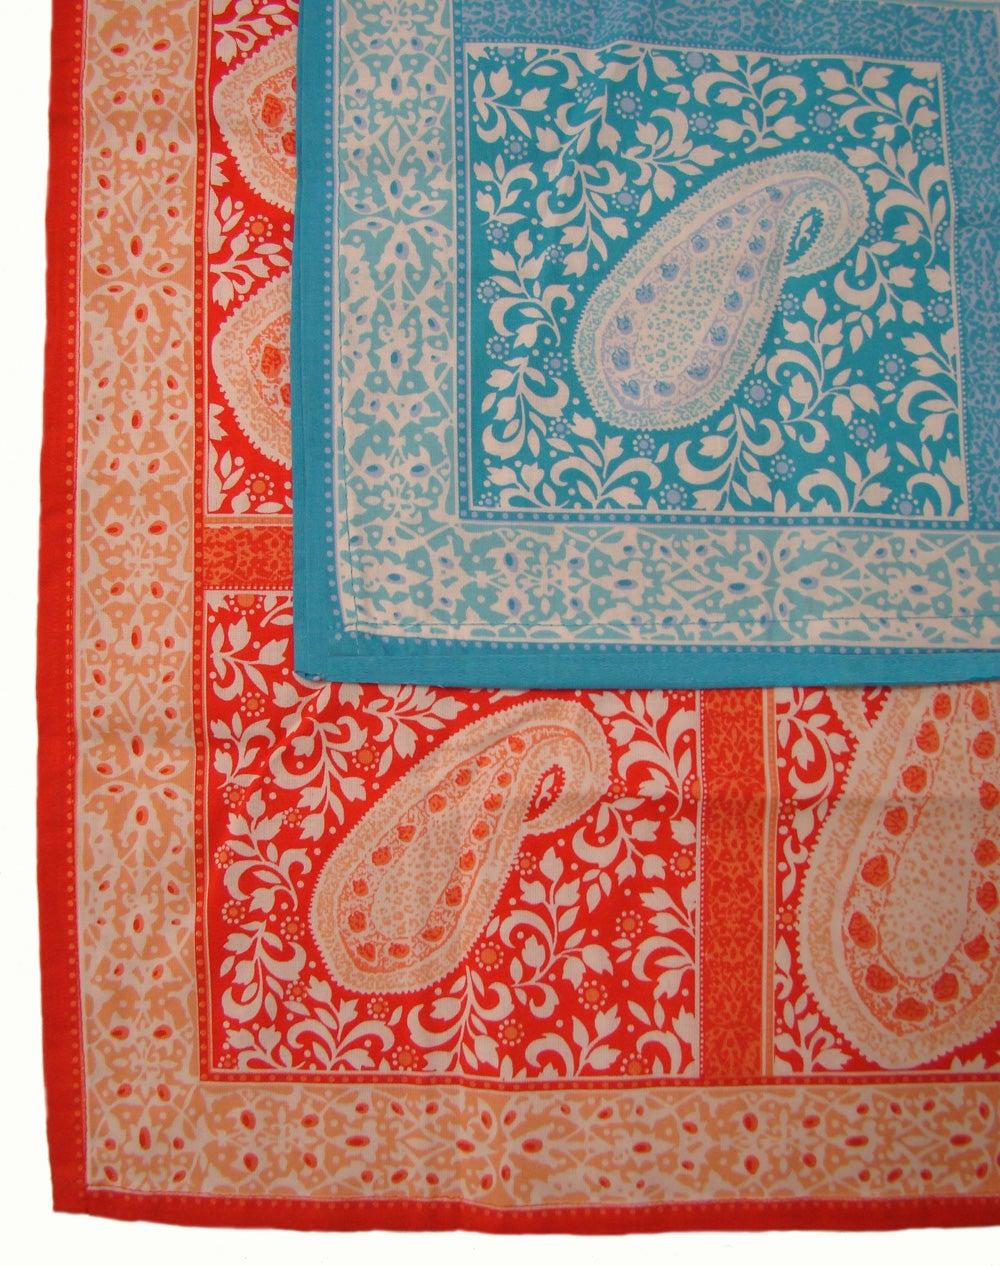 Global Paisley Tablecloth